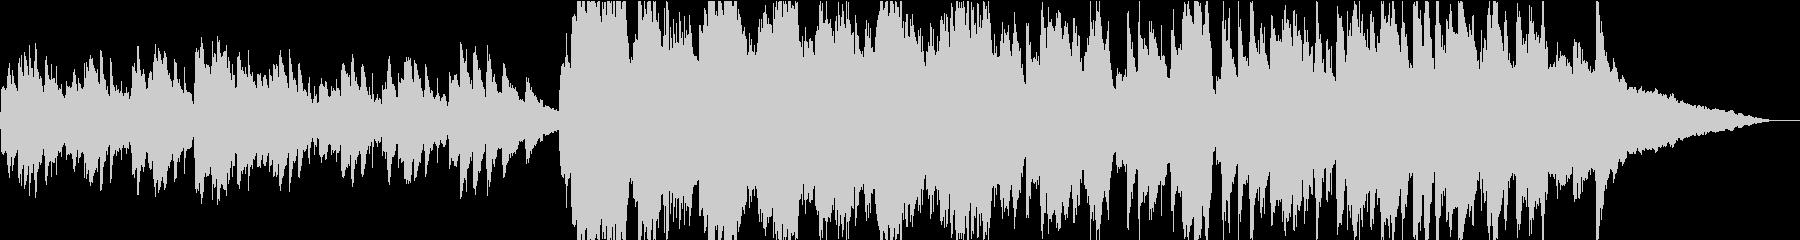 【生演奏】流れるフレーズのピアノバラードの未再生の波形